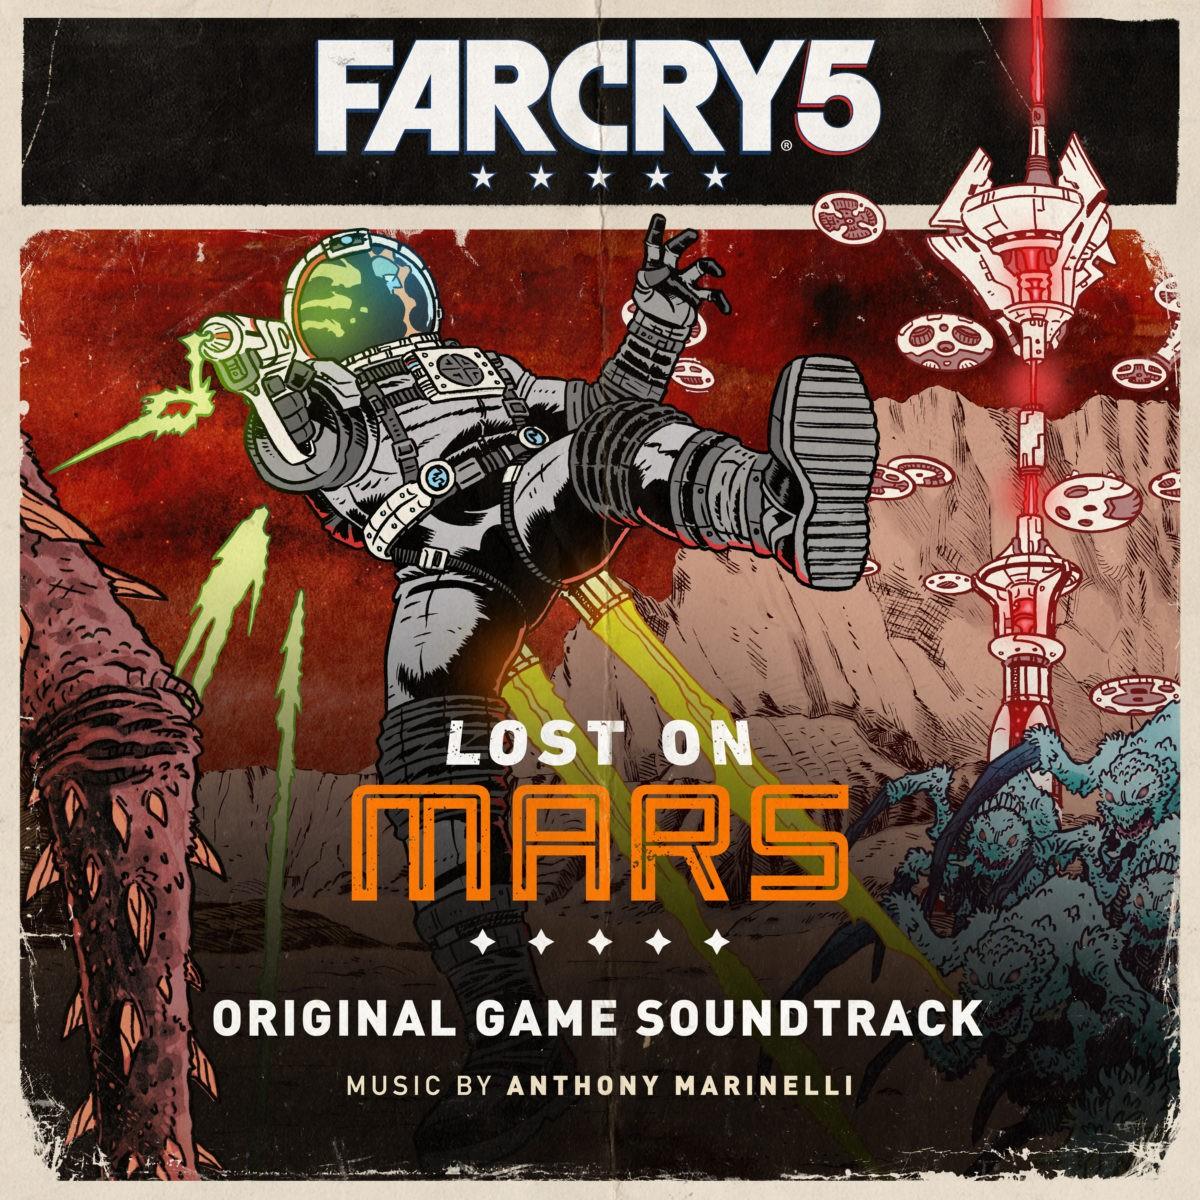 Διαθέσιμο το καινούργιο DLC του Far Cry 5! – Geekdom News